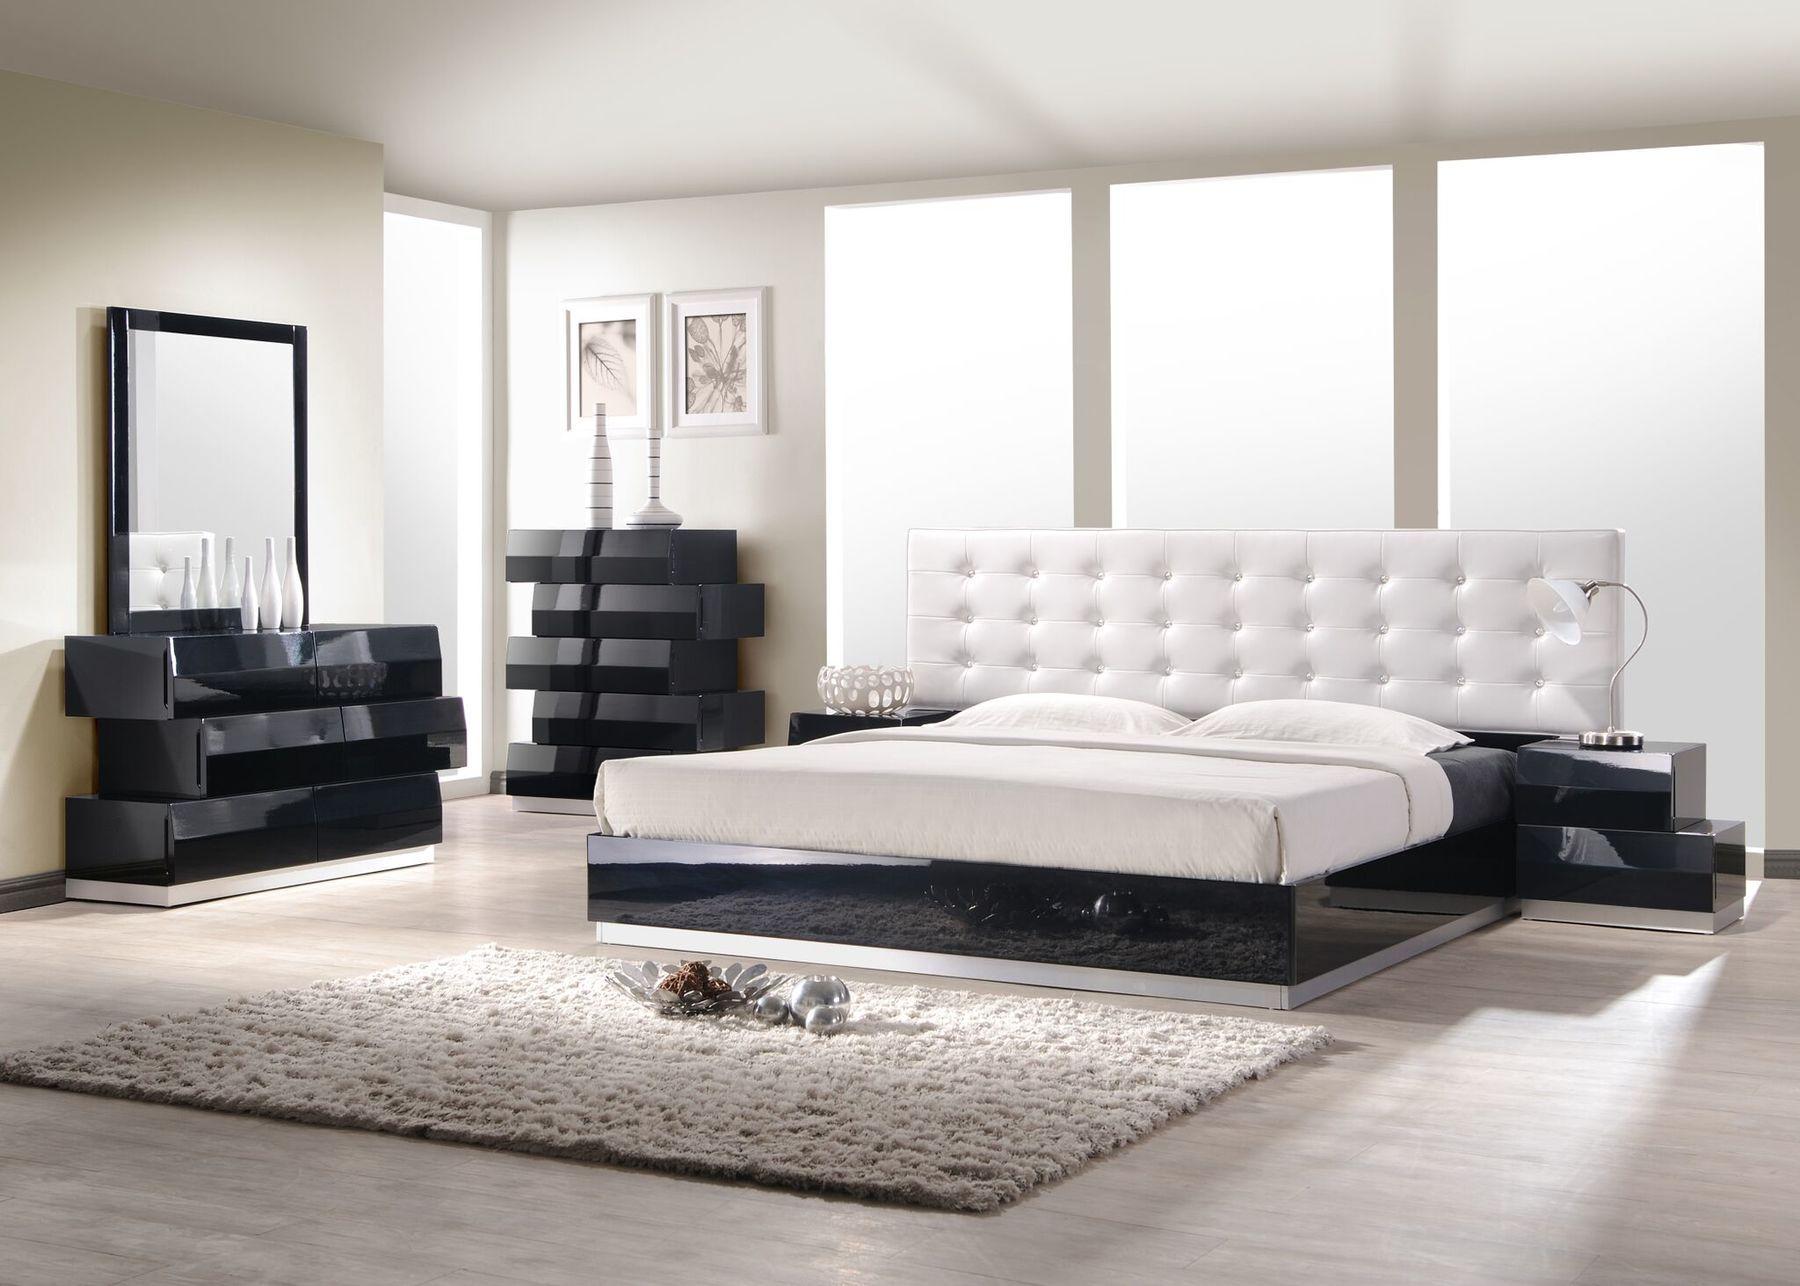 Milan Black King Set King Size B 2ns Dr Mr In 2020 Contemporary Bedroom Furniture Bedroom Furniture Sets